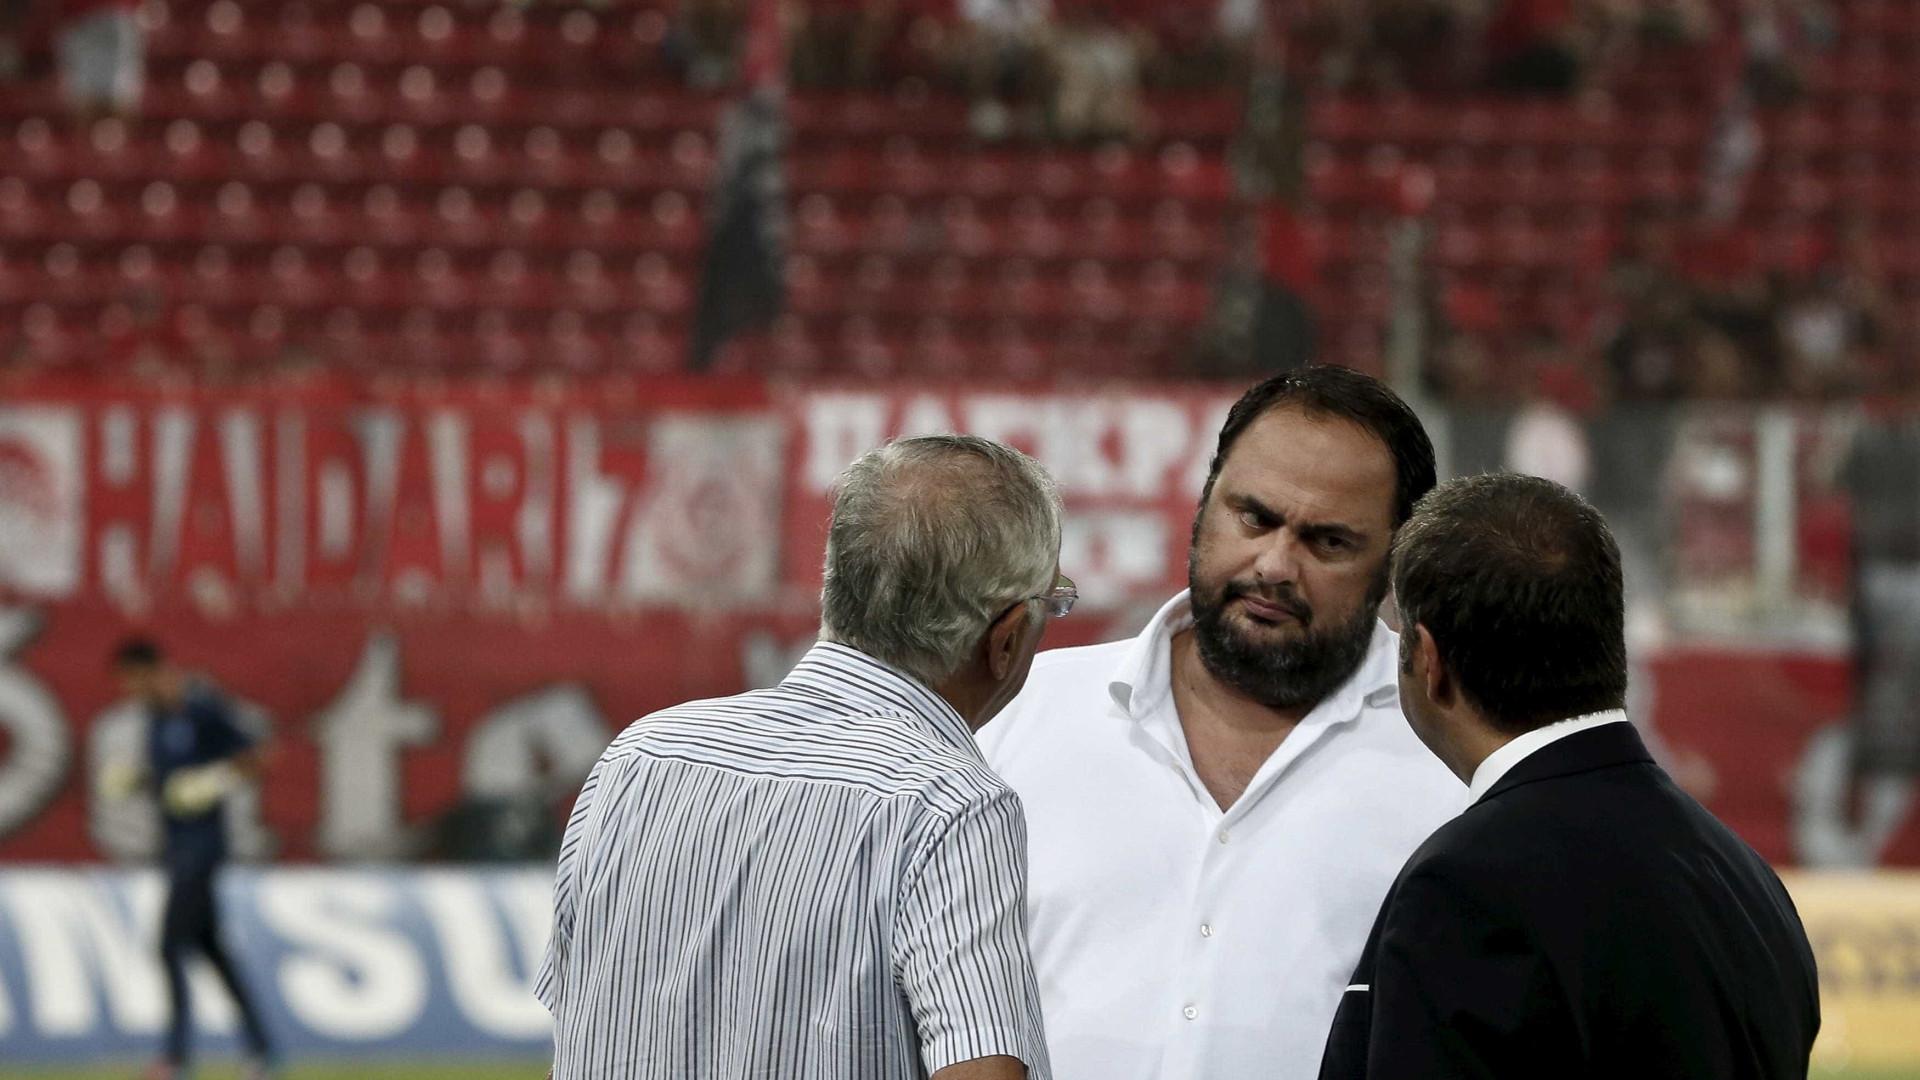 Sá Pinto envolvido no escândalo de corrupção na Grécia, diz-se